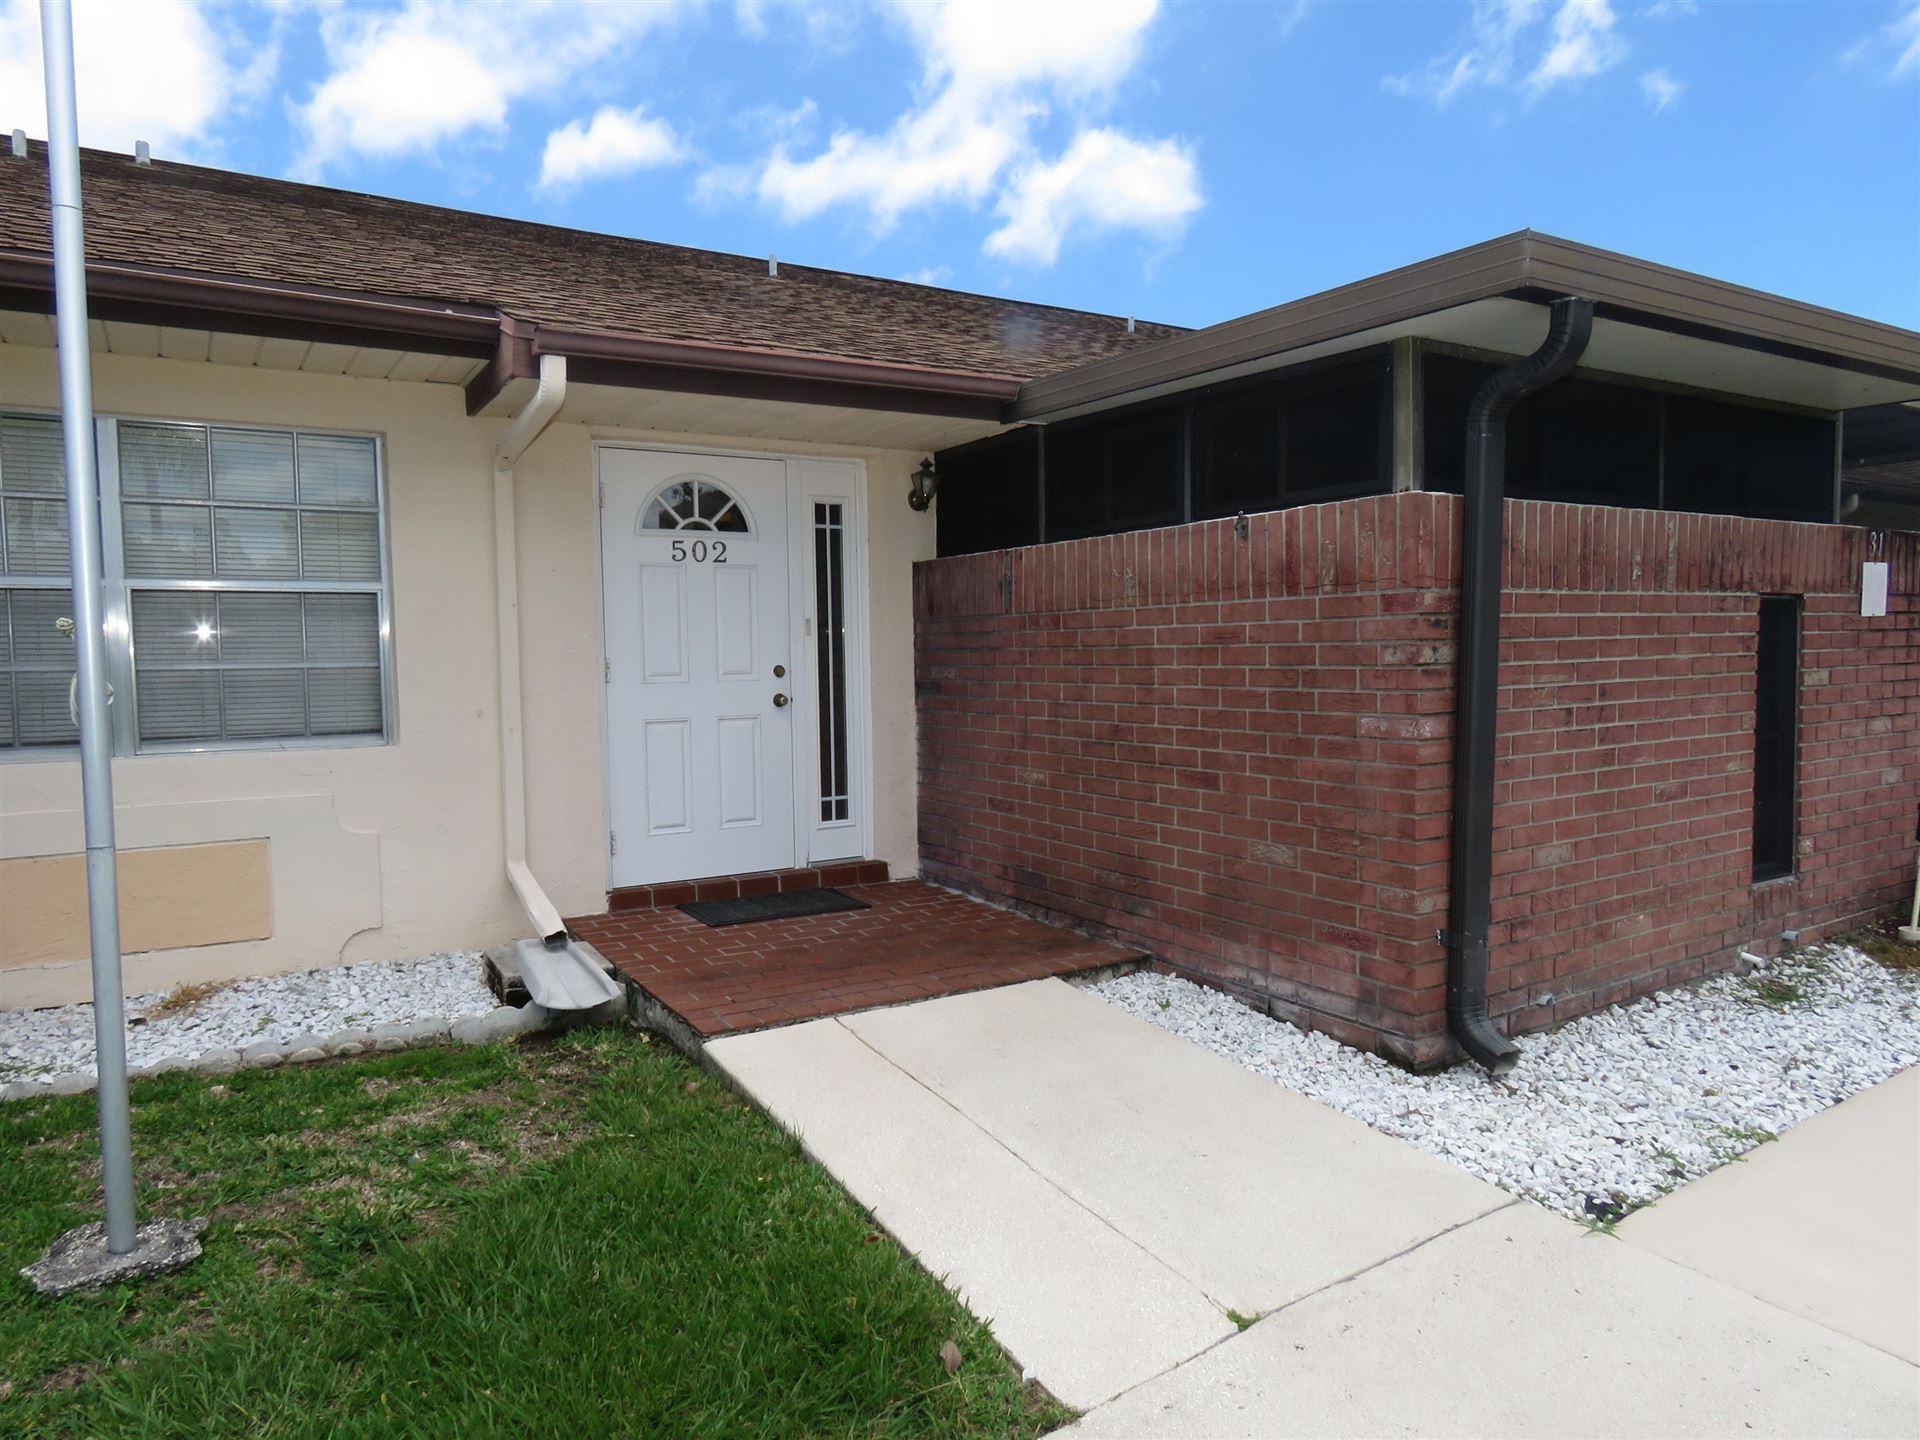 502 Ponderosa Drive #31, Fort Pierce, FL 34982 - #: RX-10623721